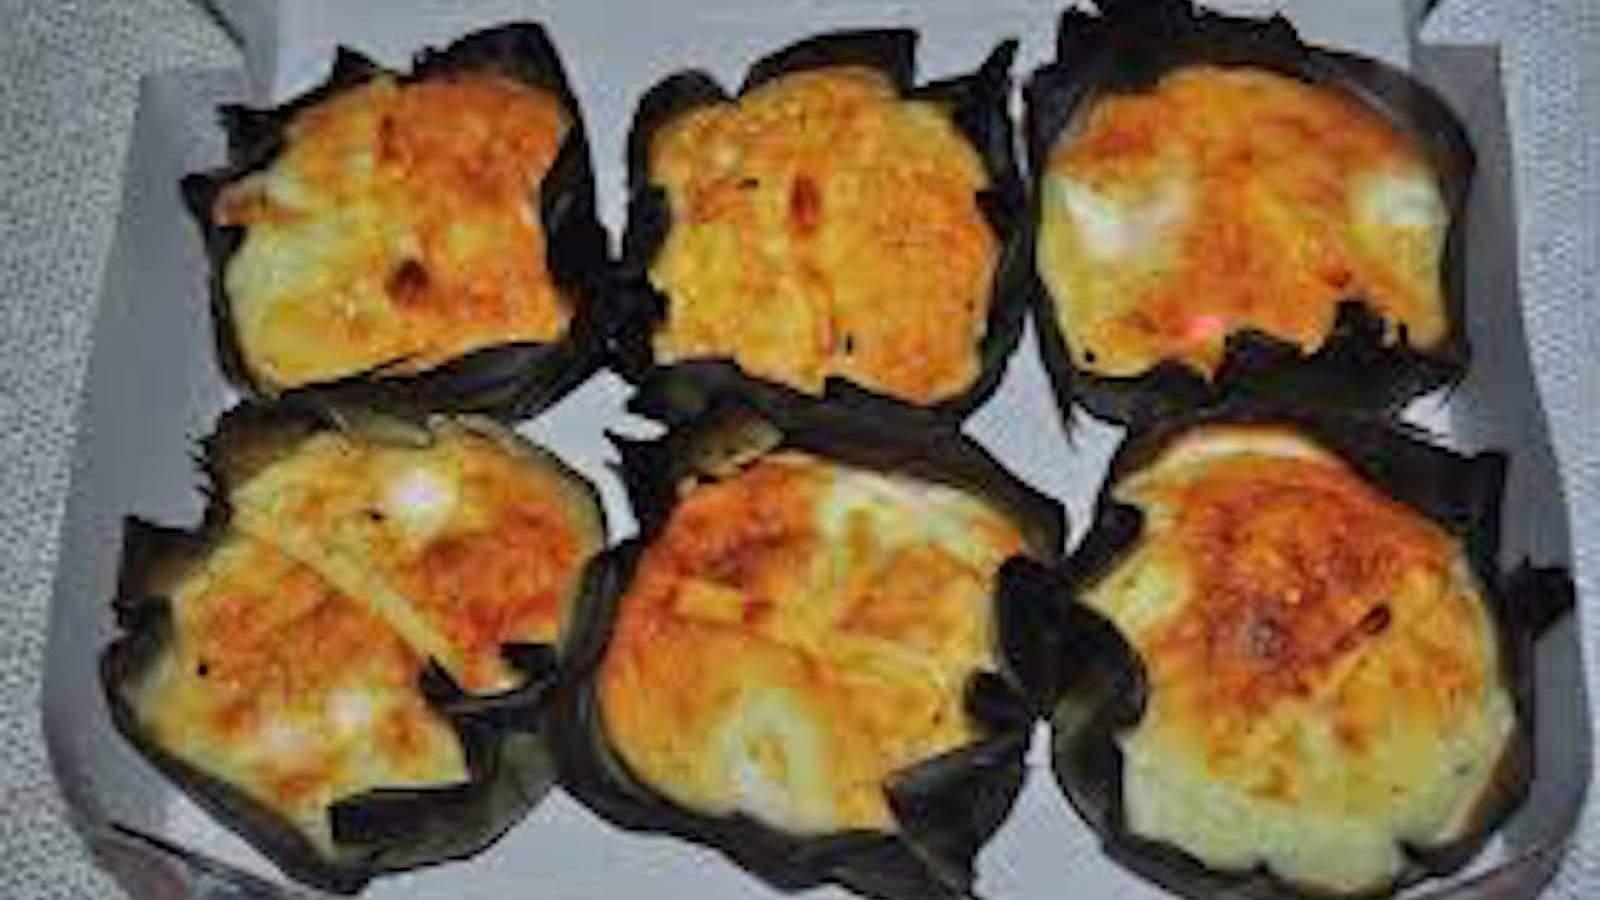 Bibingkas são um delicioso bolo filipino tradicionalmente comido na manhã de Natal